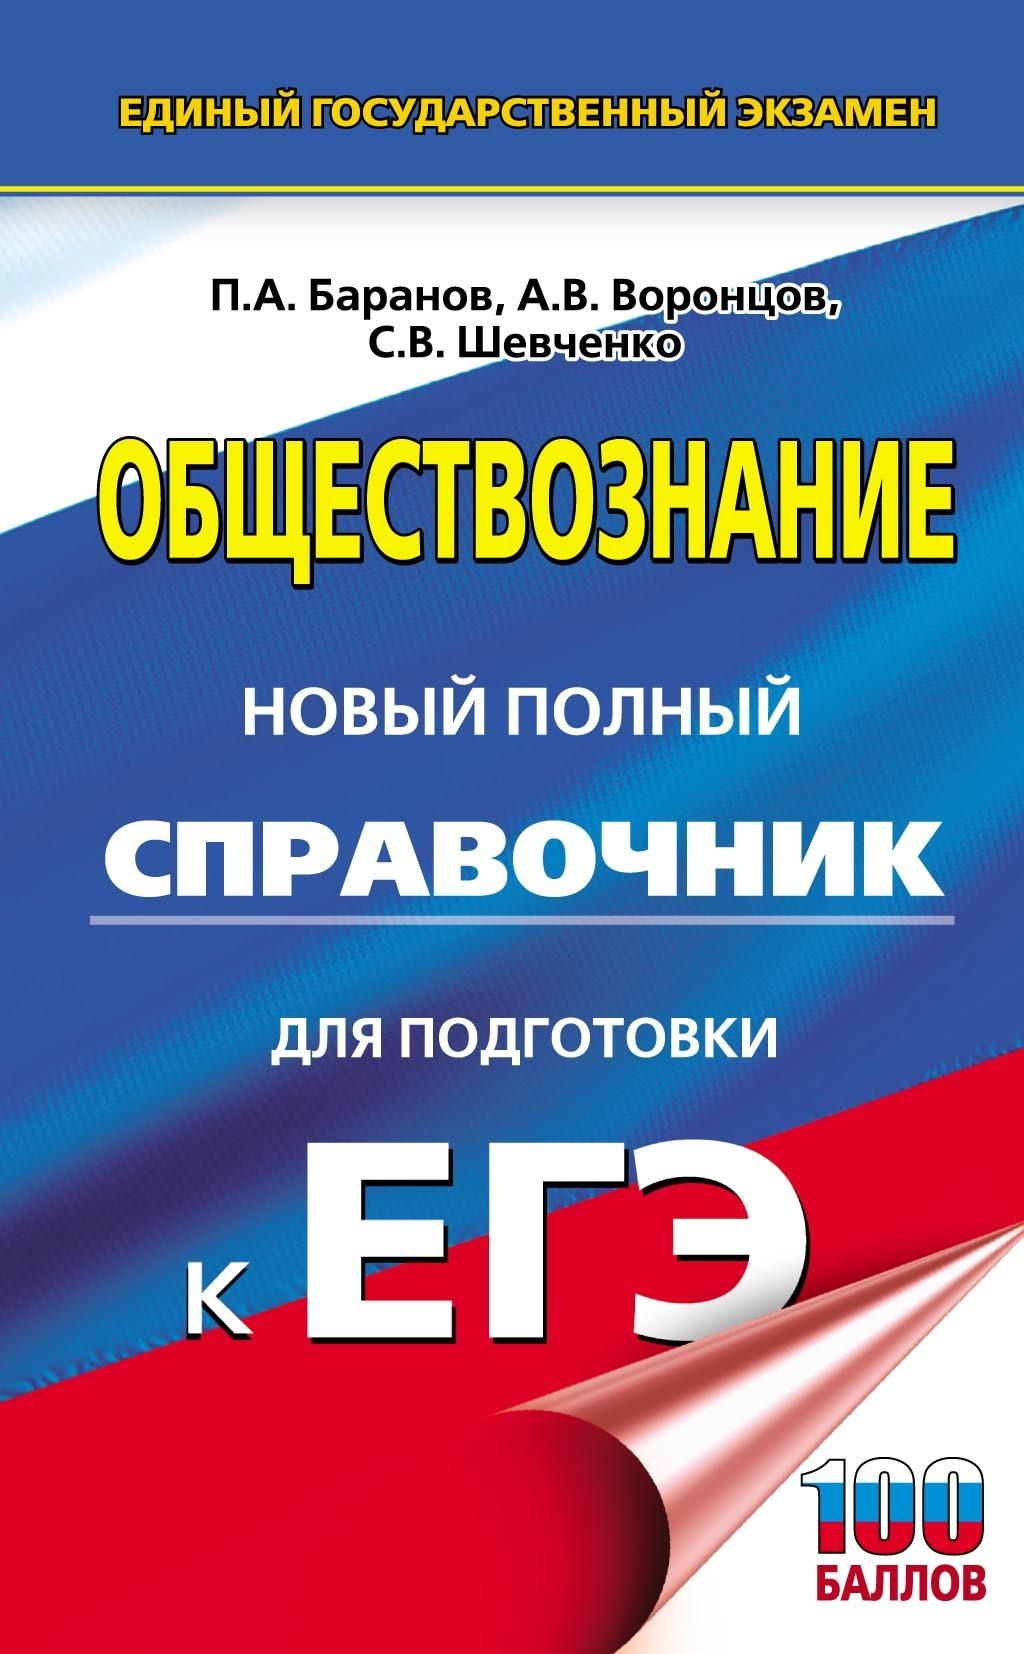 П. А. Баранов Обществознание. Новый полный справочник для подготовки к ЕГЭ